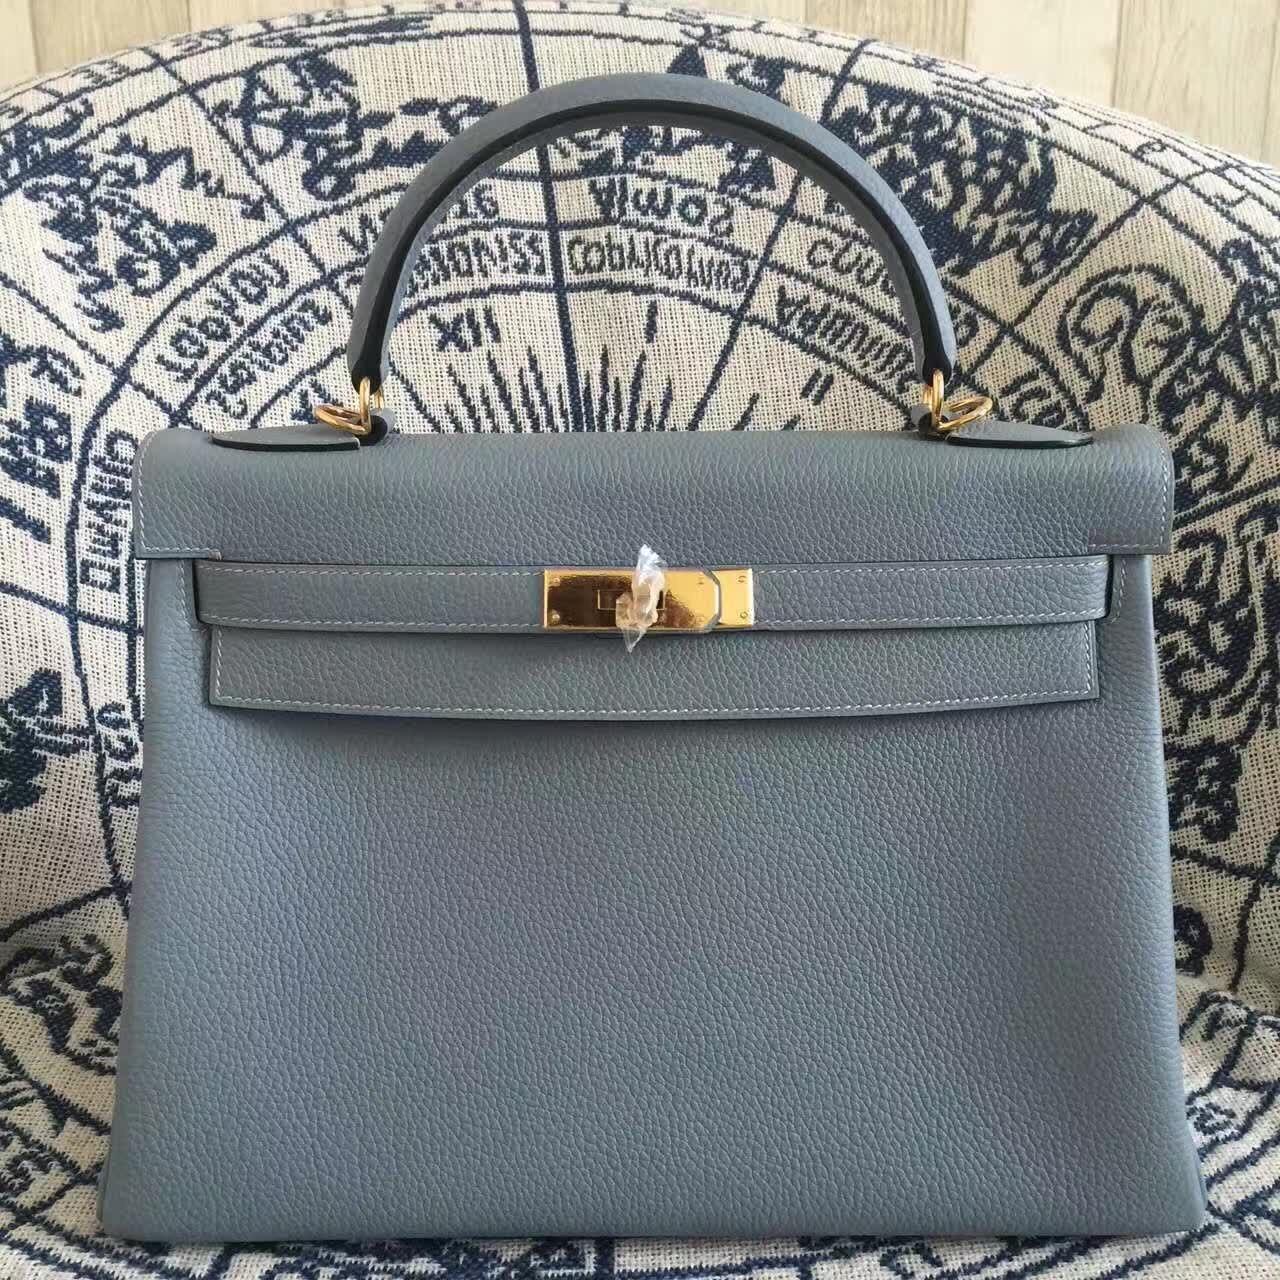 f69f7934c230 Hermes Kelly 28cm Bag Togo Leather Blue Lin Gold